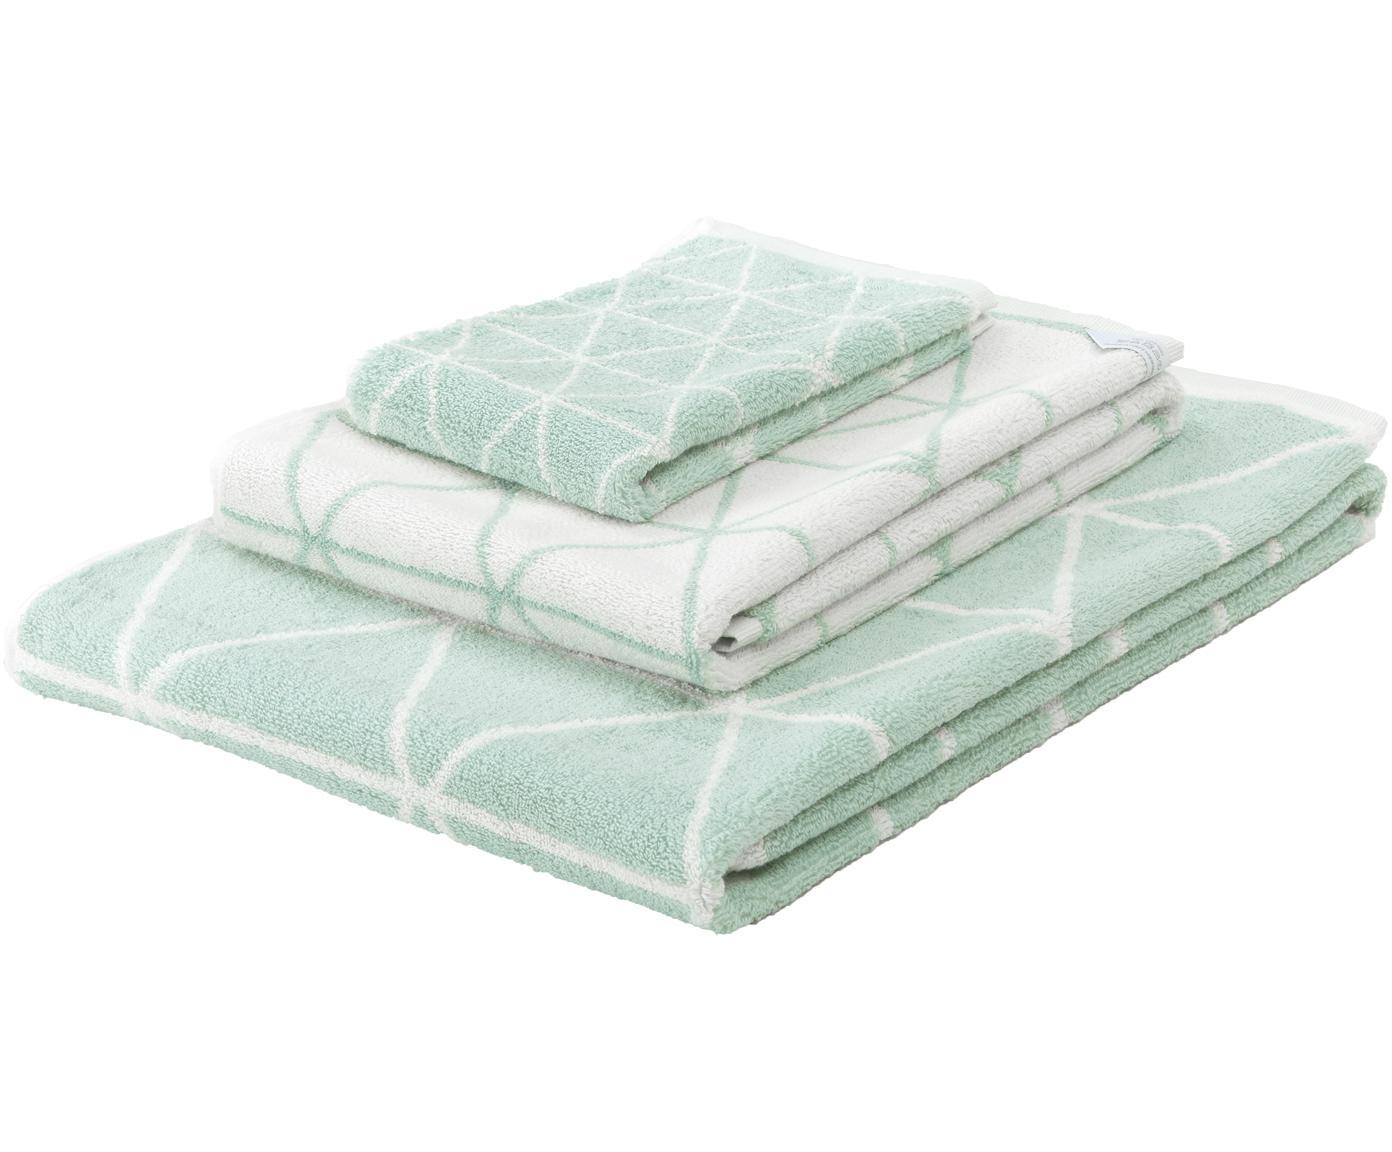 Set de toallas, caras distintas Elina, 3pzas., Verde menta, blanco crema, Tamaños diferentes